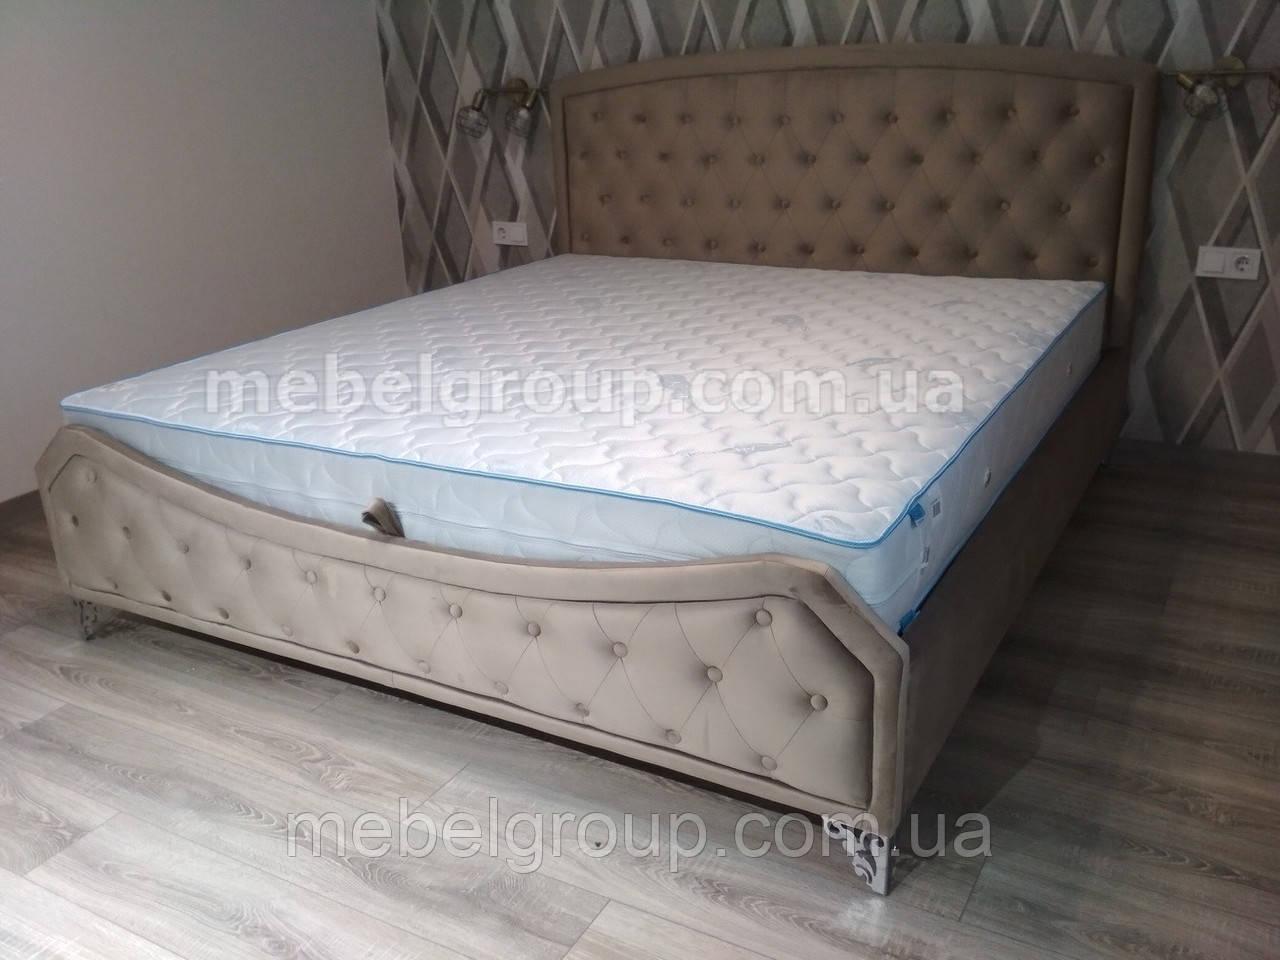 Кровать Саманта 160*200 с механизмом